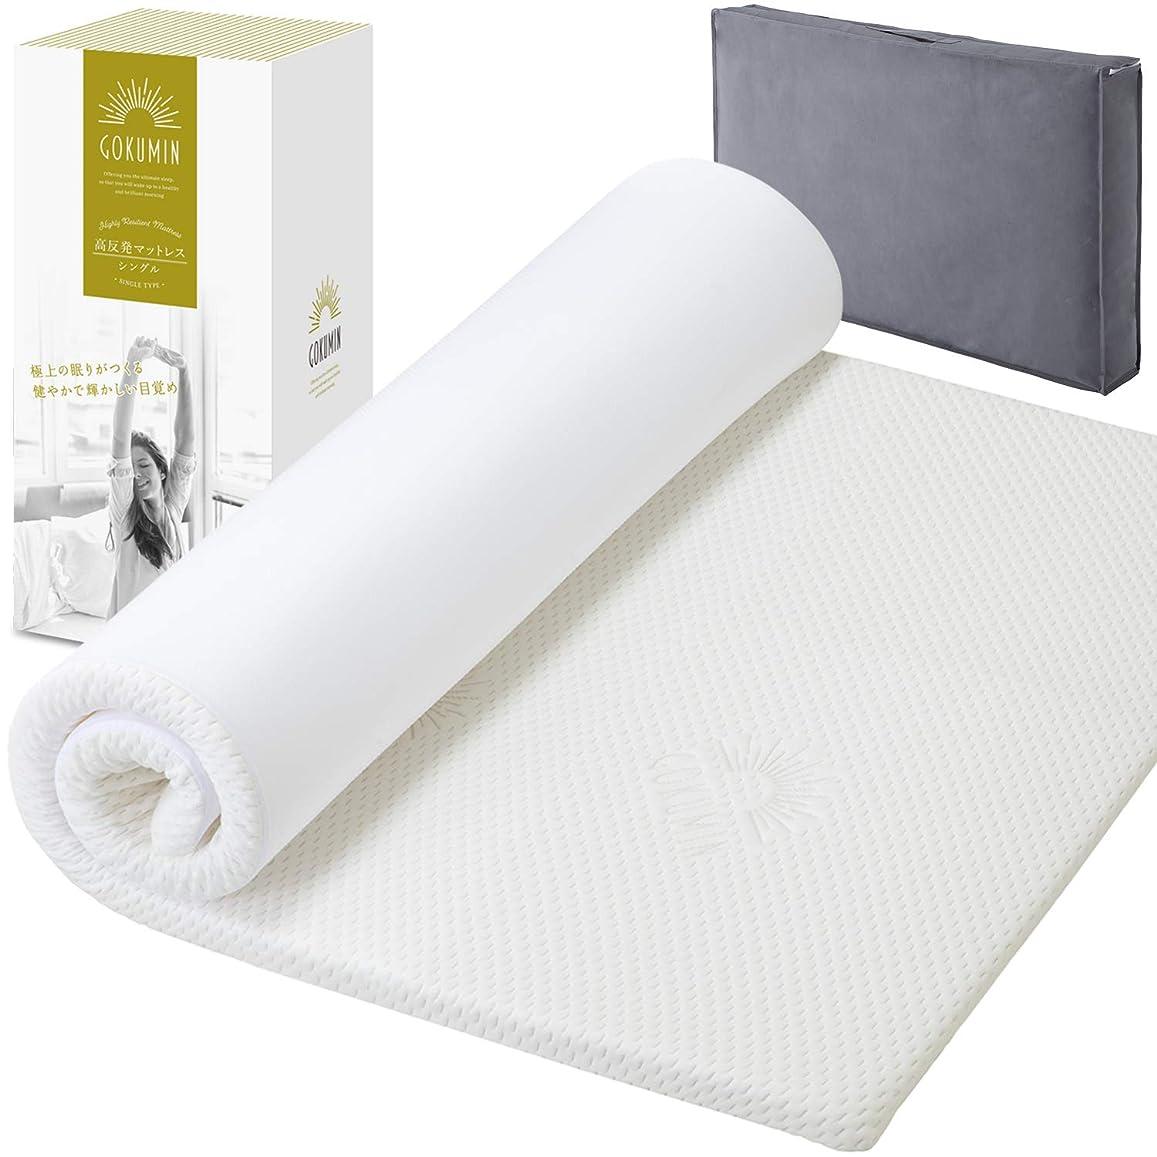 やろう合金ストラトフォードオンエイボンmofua cool 接触冷感 通気性に優れた 敷きパッド?タオルケット?枕パッド エアーシリーズ